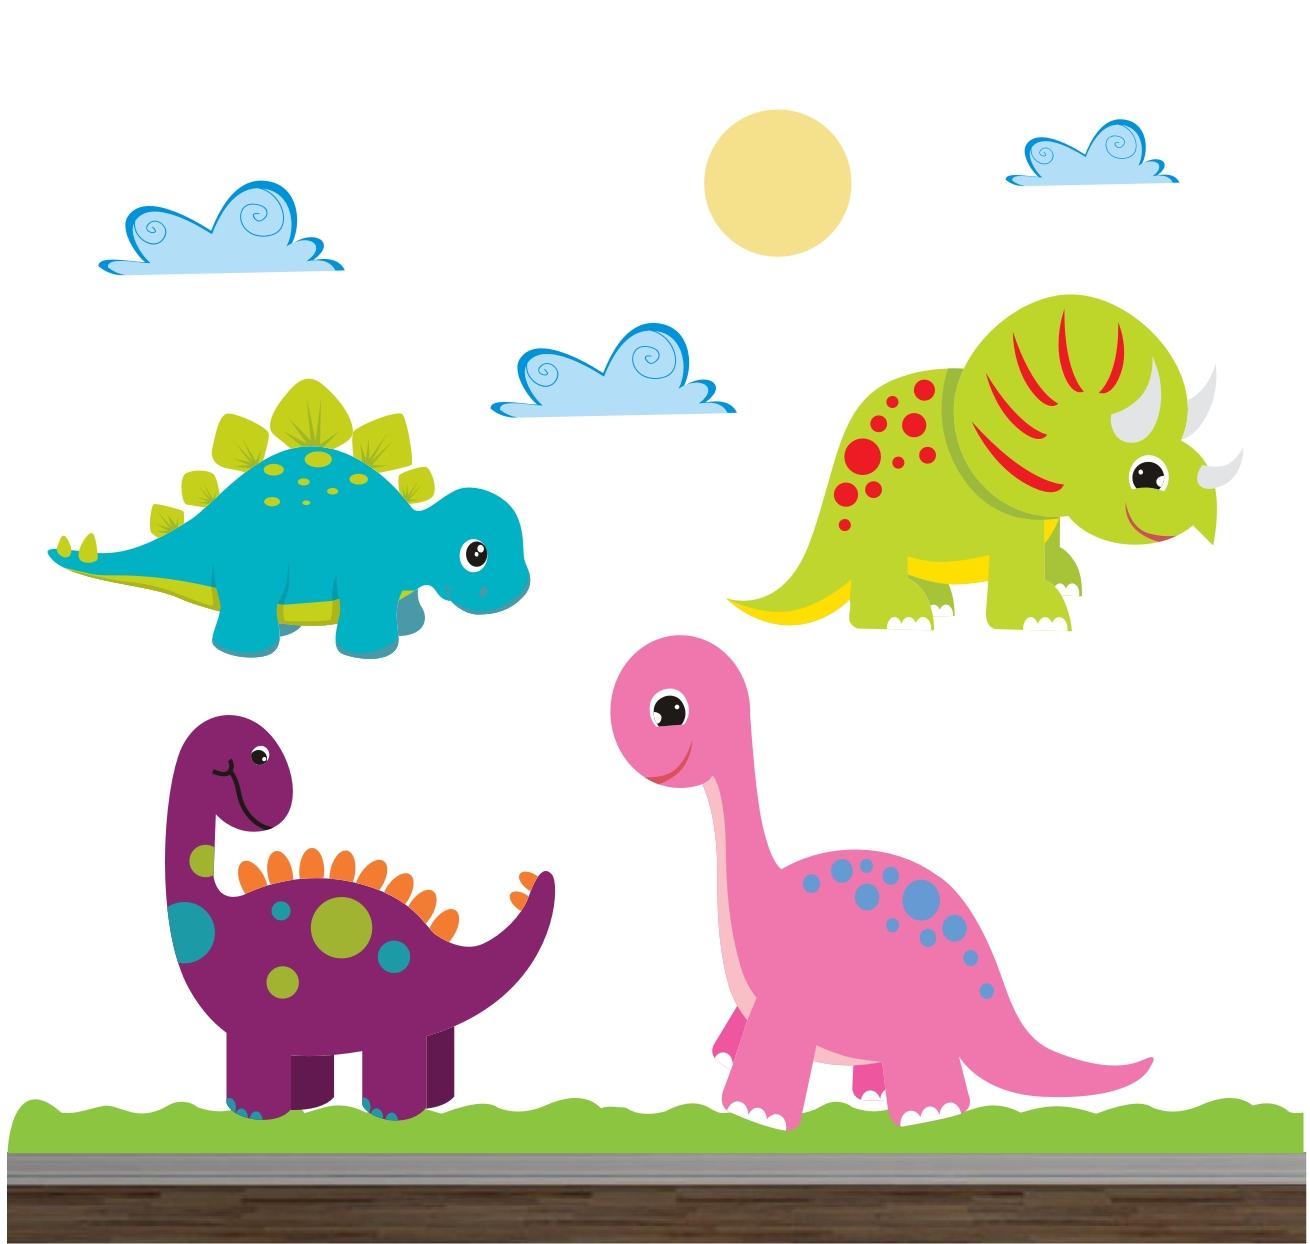 Adesivo Dinossauro Infantil Animais 06 No Elo7 Jpadesivos A26e75